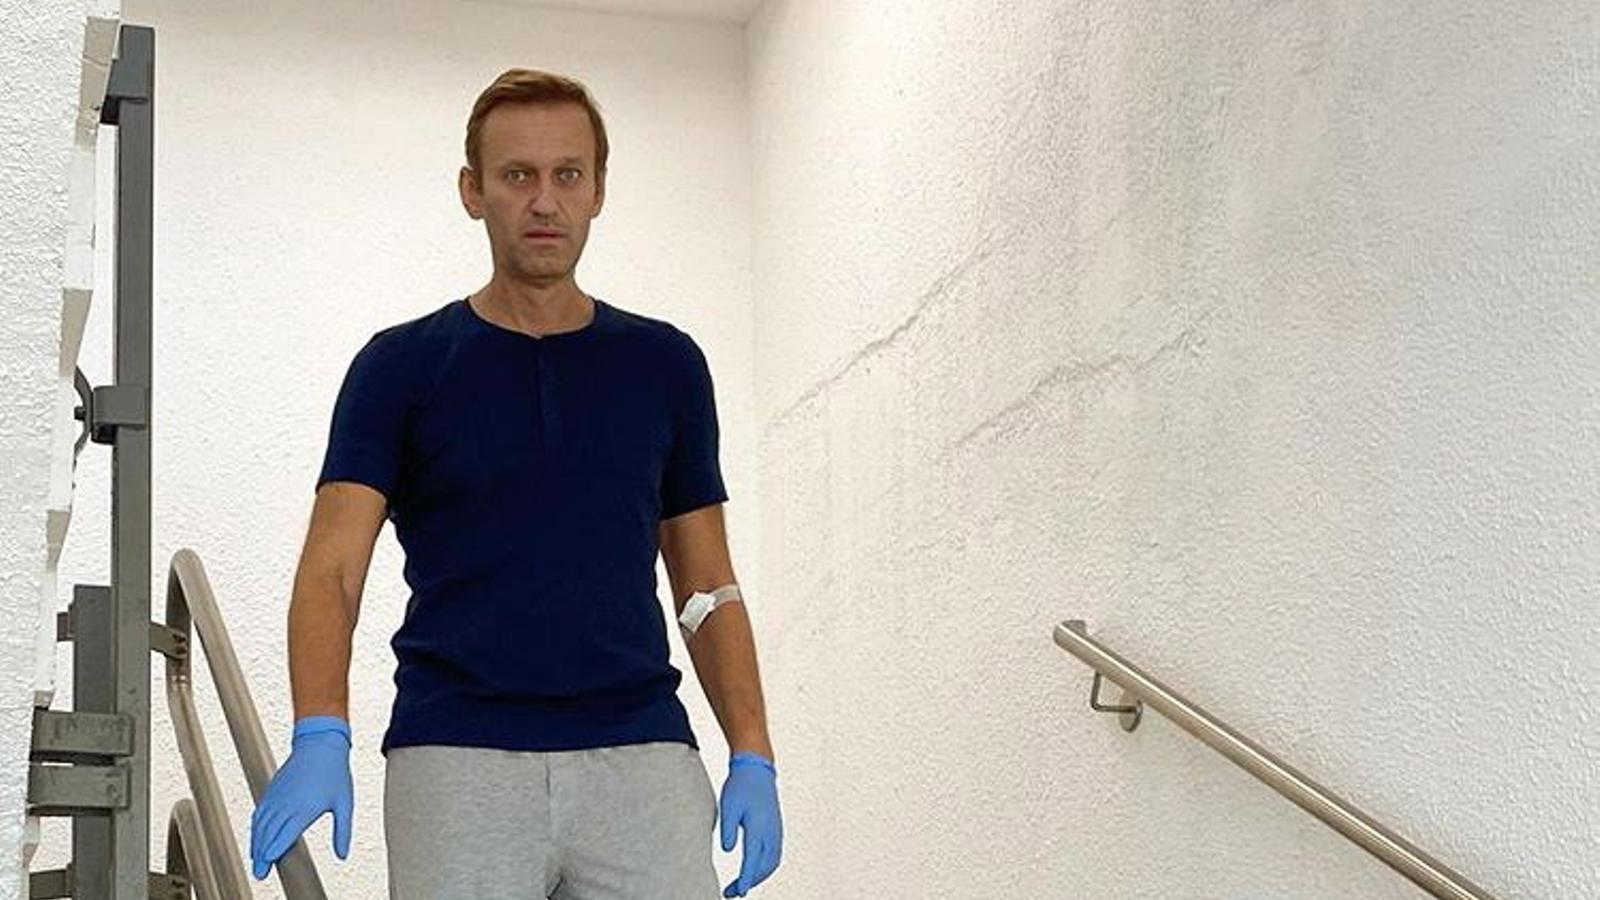 Els metges de Navalni alerten que pot patir una aturada cardíaca «en qualsevol moment»